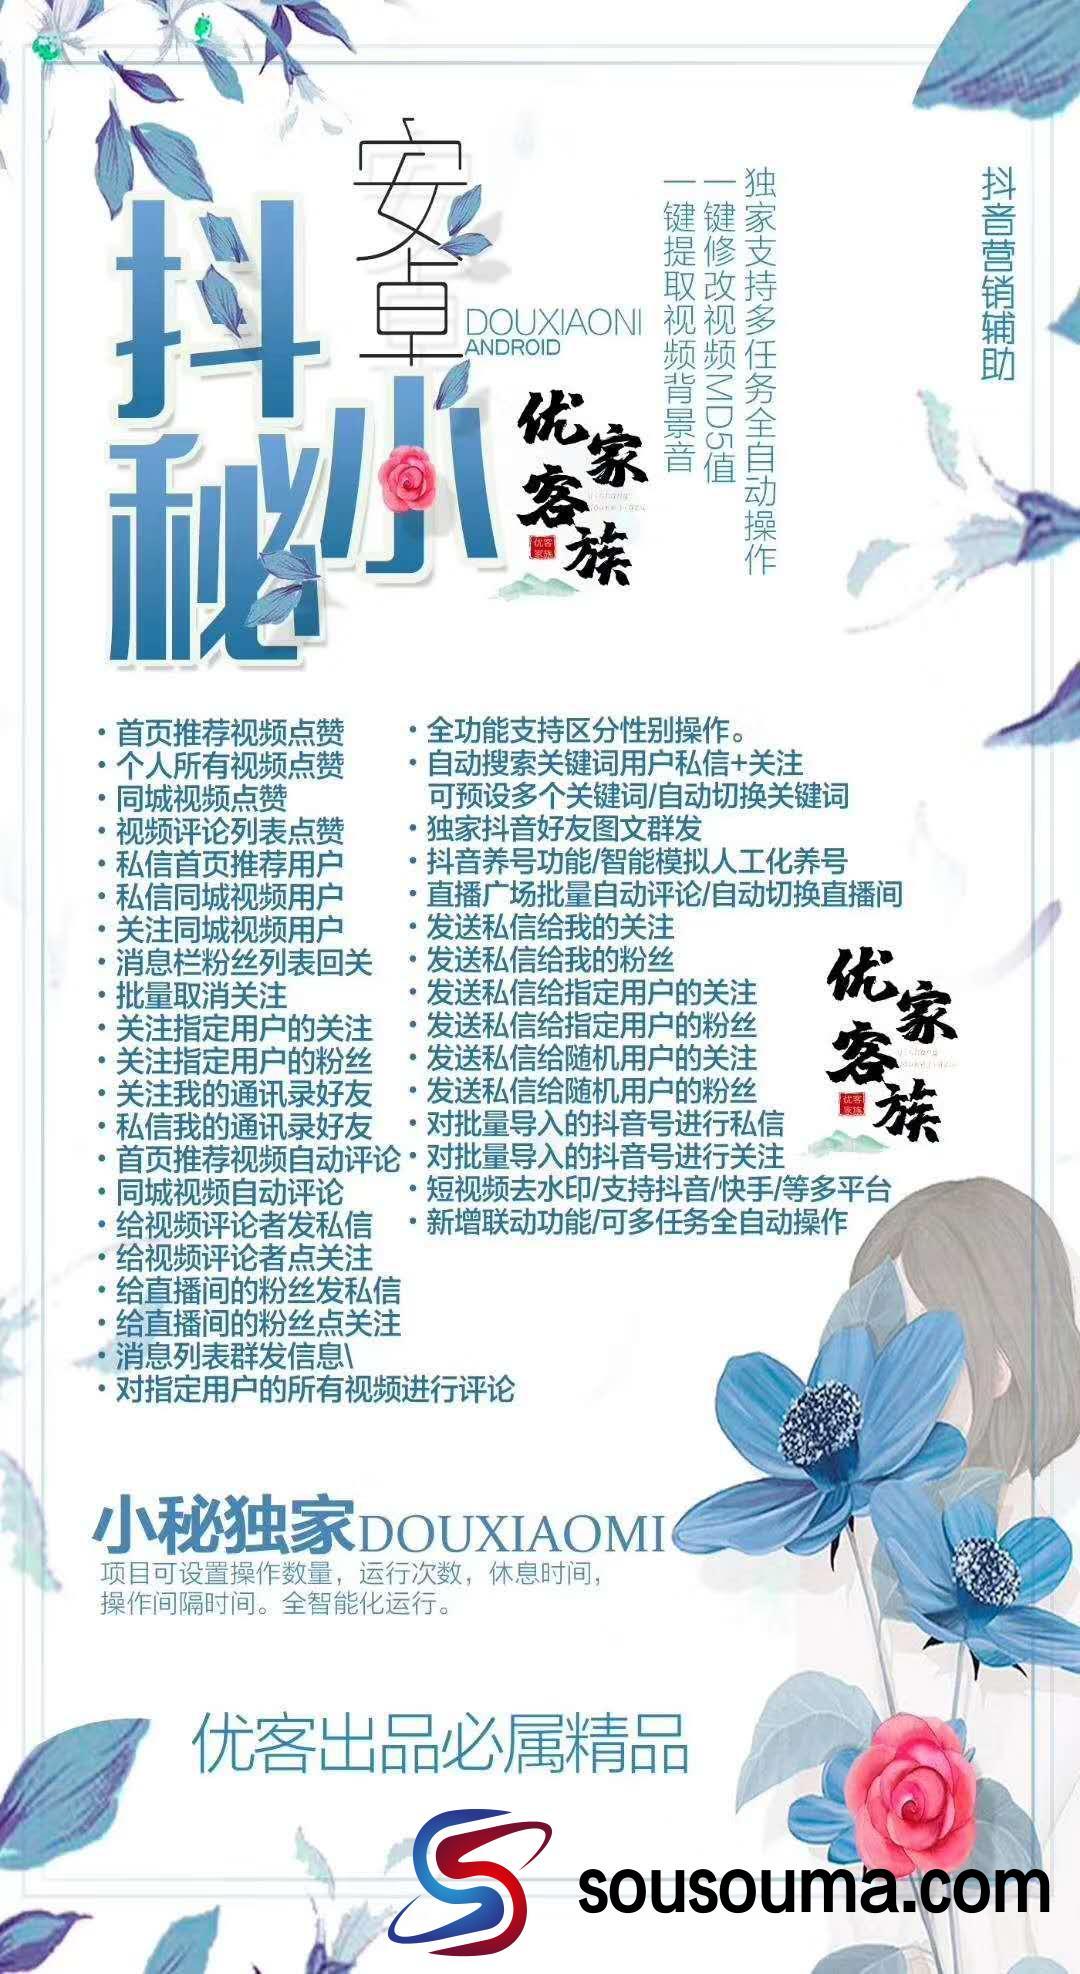 【抖小秘官网】安卓抖音多功能营销软件正版激活码授权